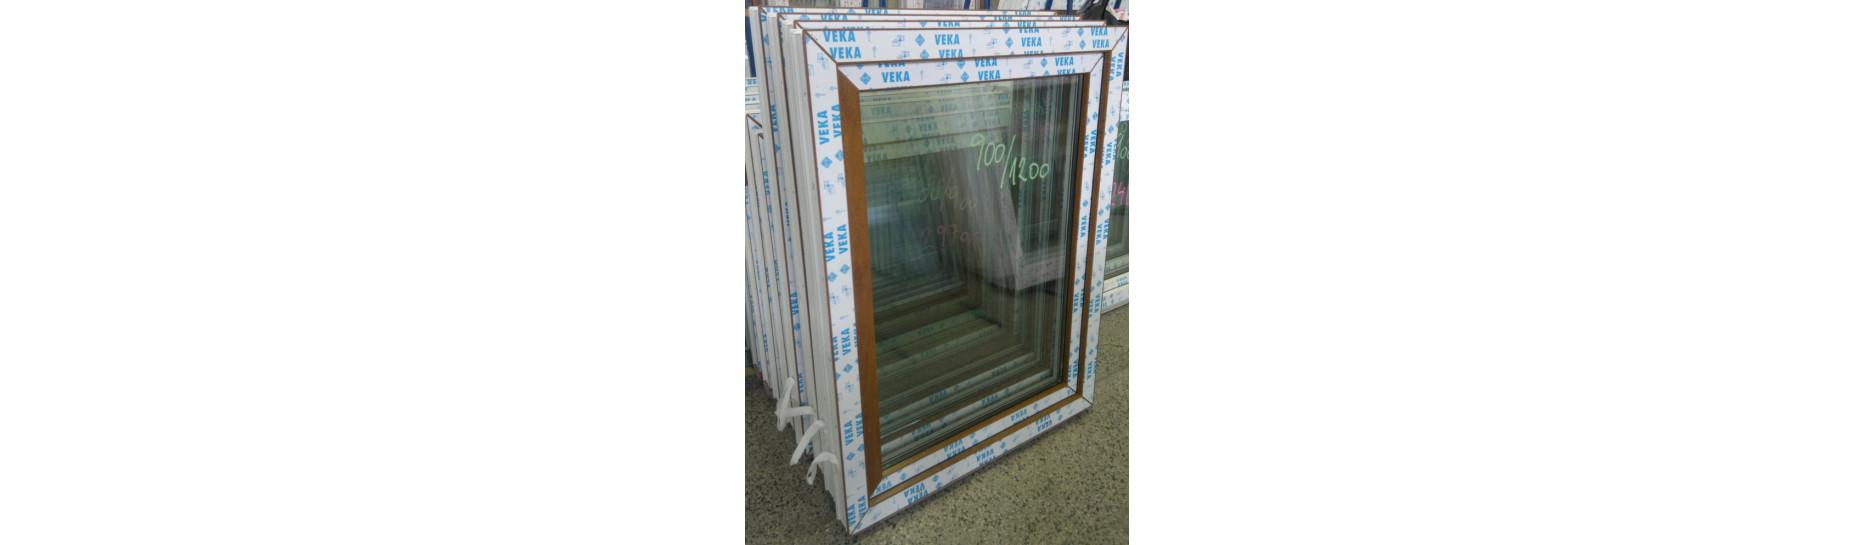 Hotová plastová okna jednokřídlá skladem